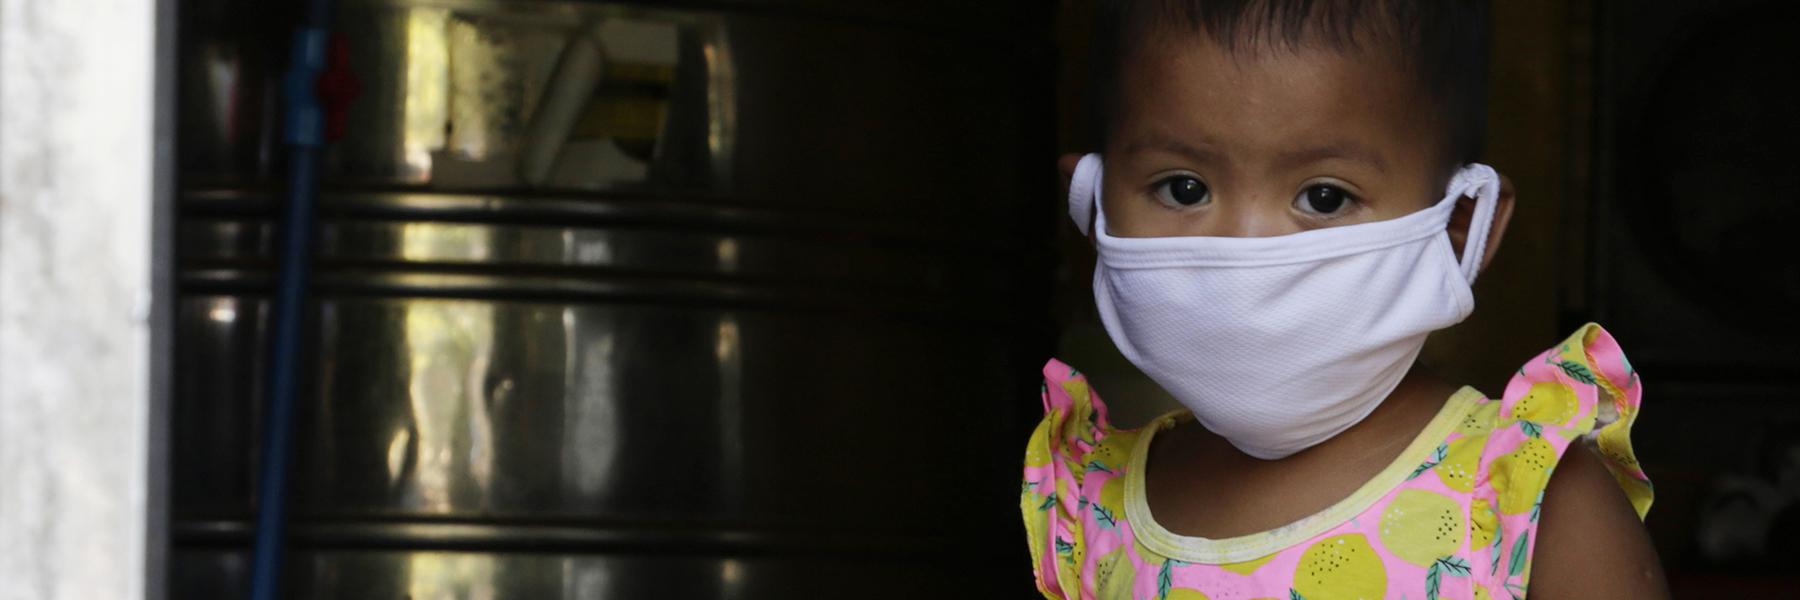 Auta maailman lapsia koronakriisissä